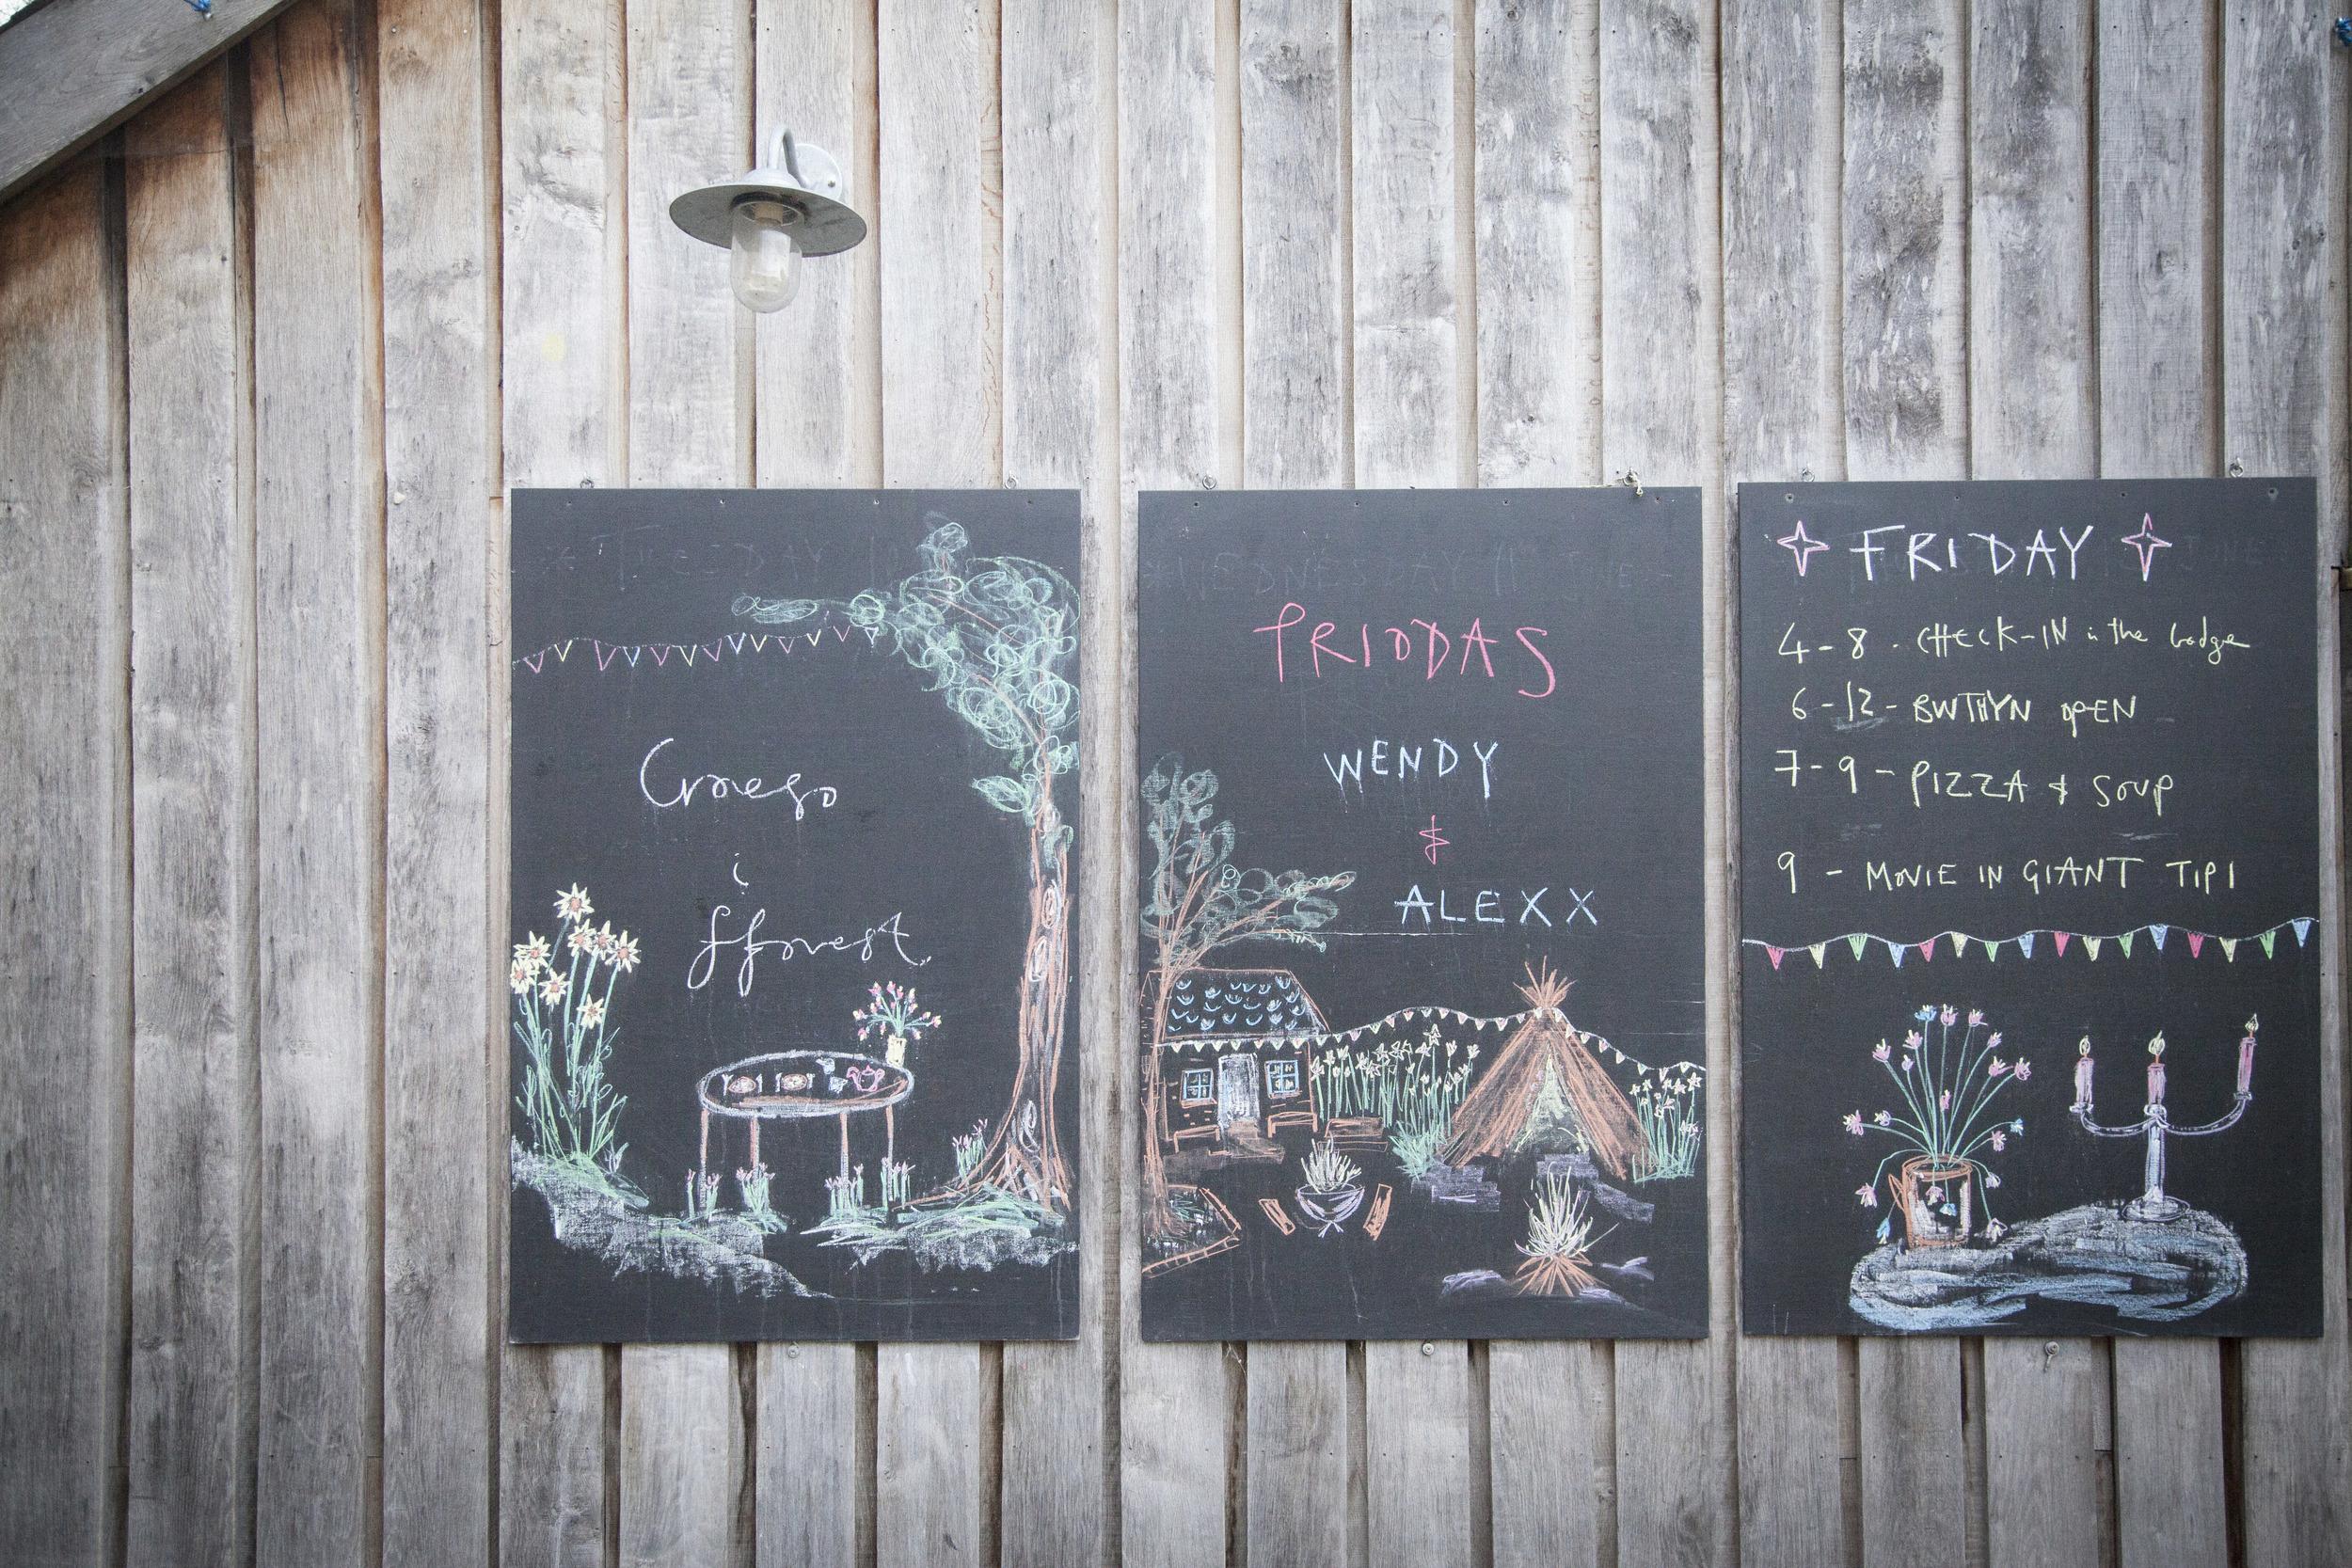 Wendy-Alexx-Fforest-Wedding-_215.jpg